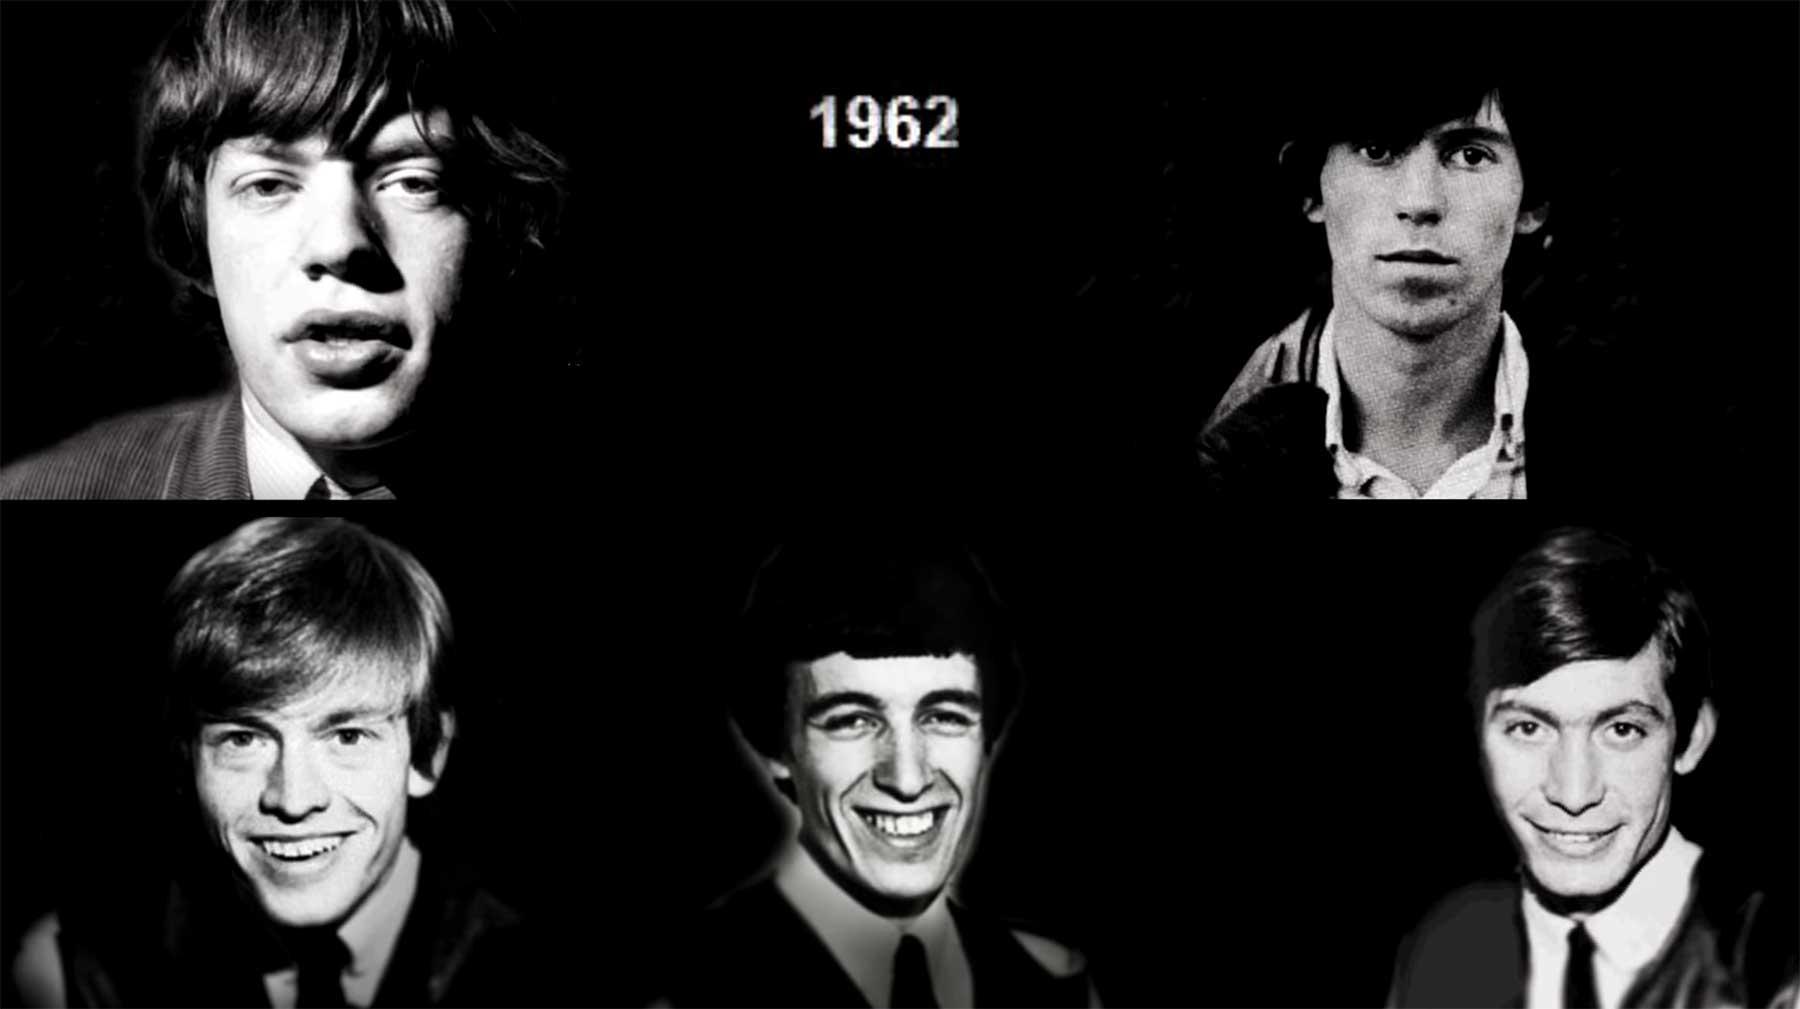 Wie sich die Rolling Stones verändert haben wie-sich-die-rolling-stones-veraendert-haben-face-morph